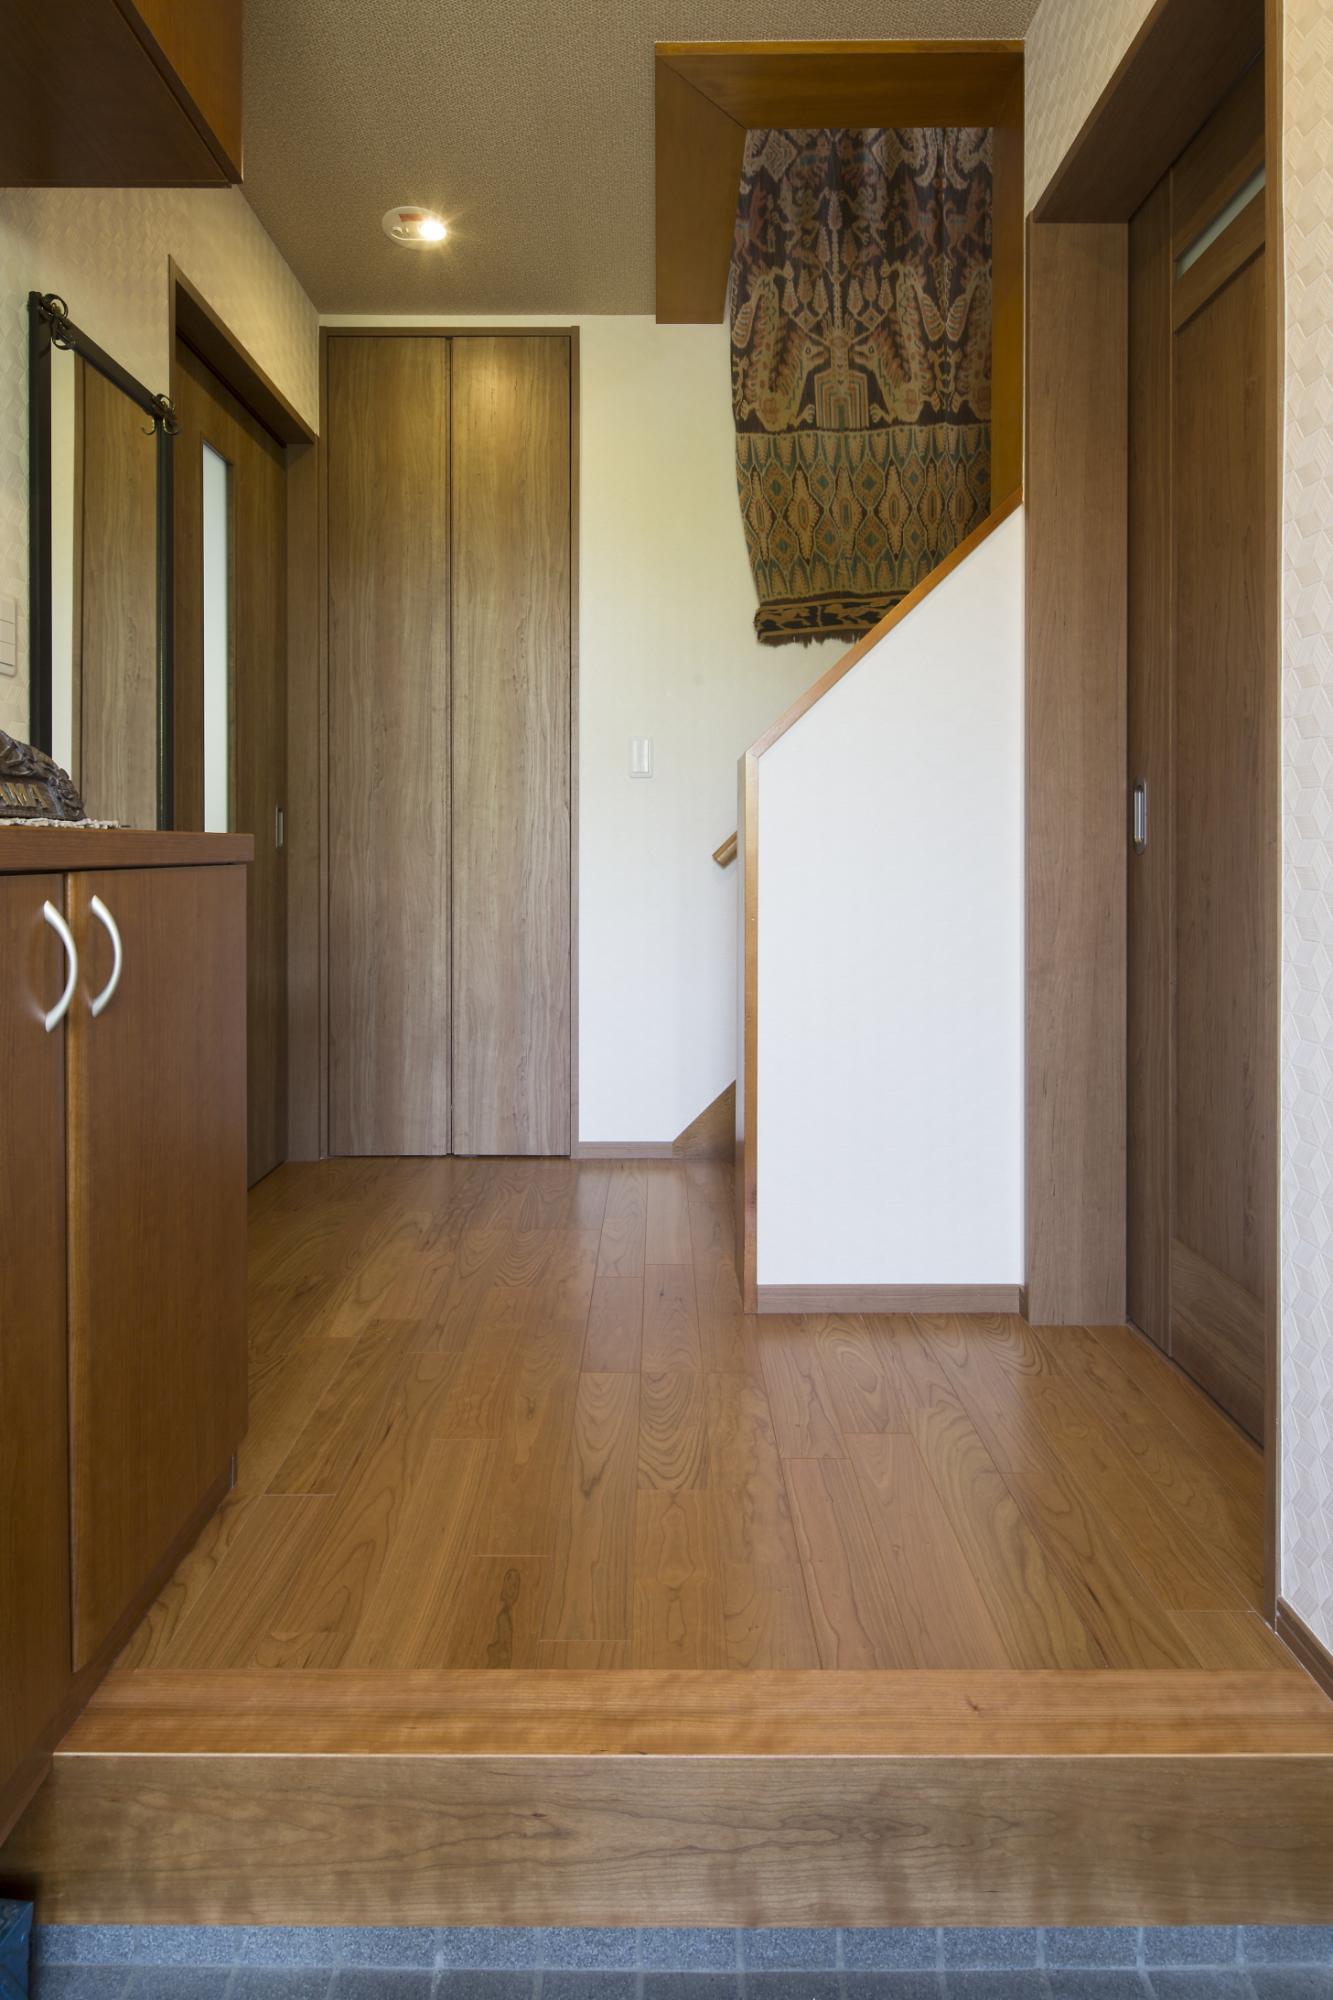 和室の押入を撤去した分、収納も減ってしまうため玄関にもクロークを設置。トールタイプなので上段には帽子やバッグ、下段にはゴルフバッグなどをしまうことができ、大変重宝されているそうです。